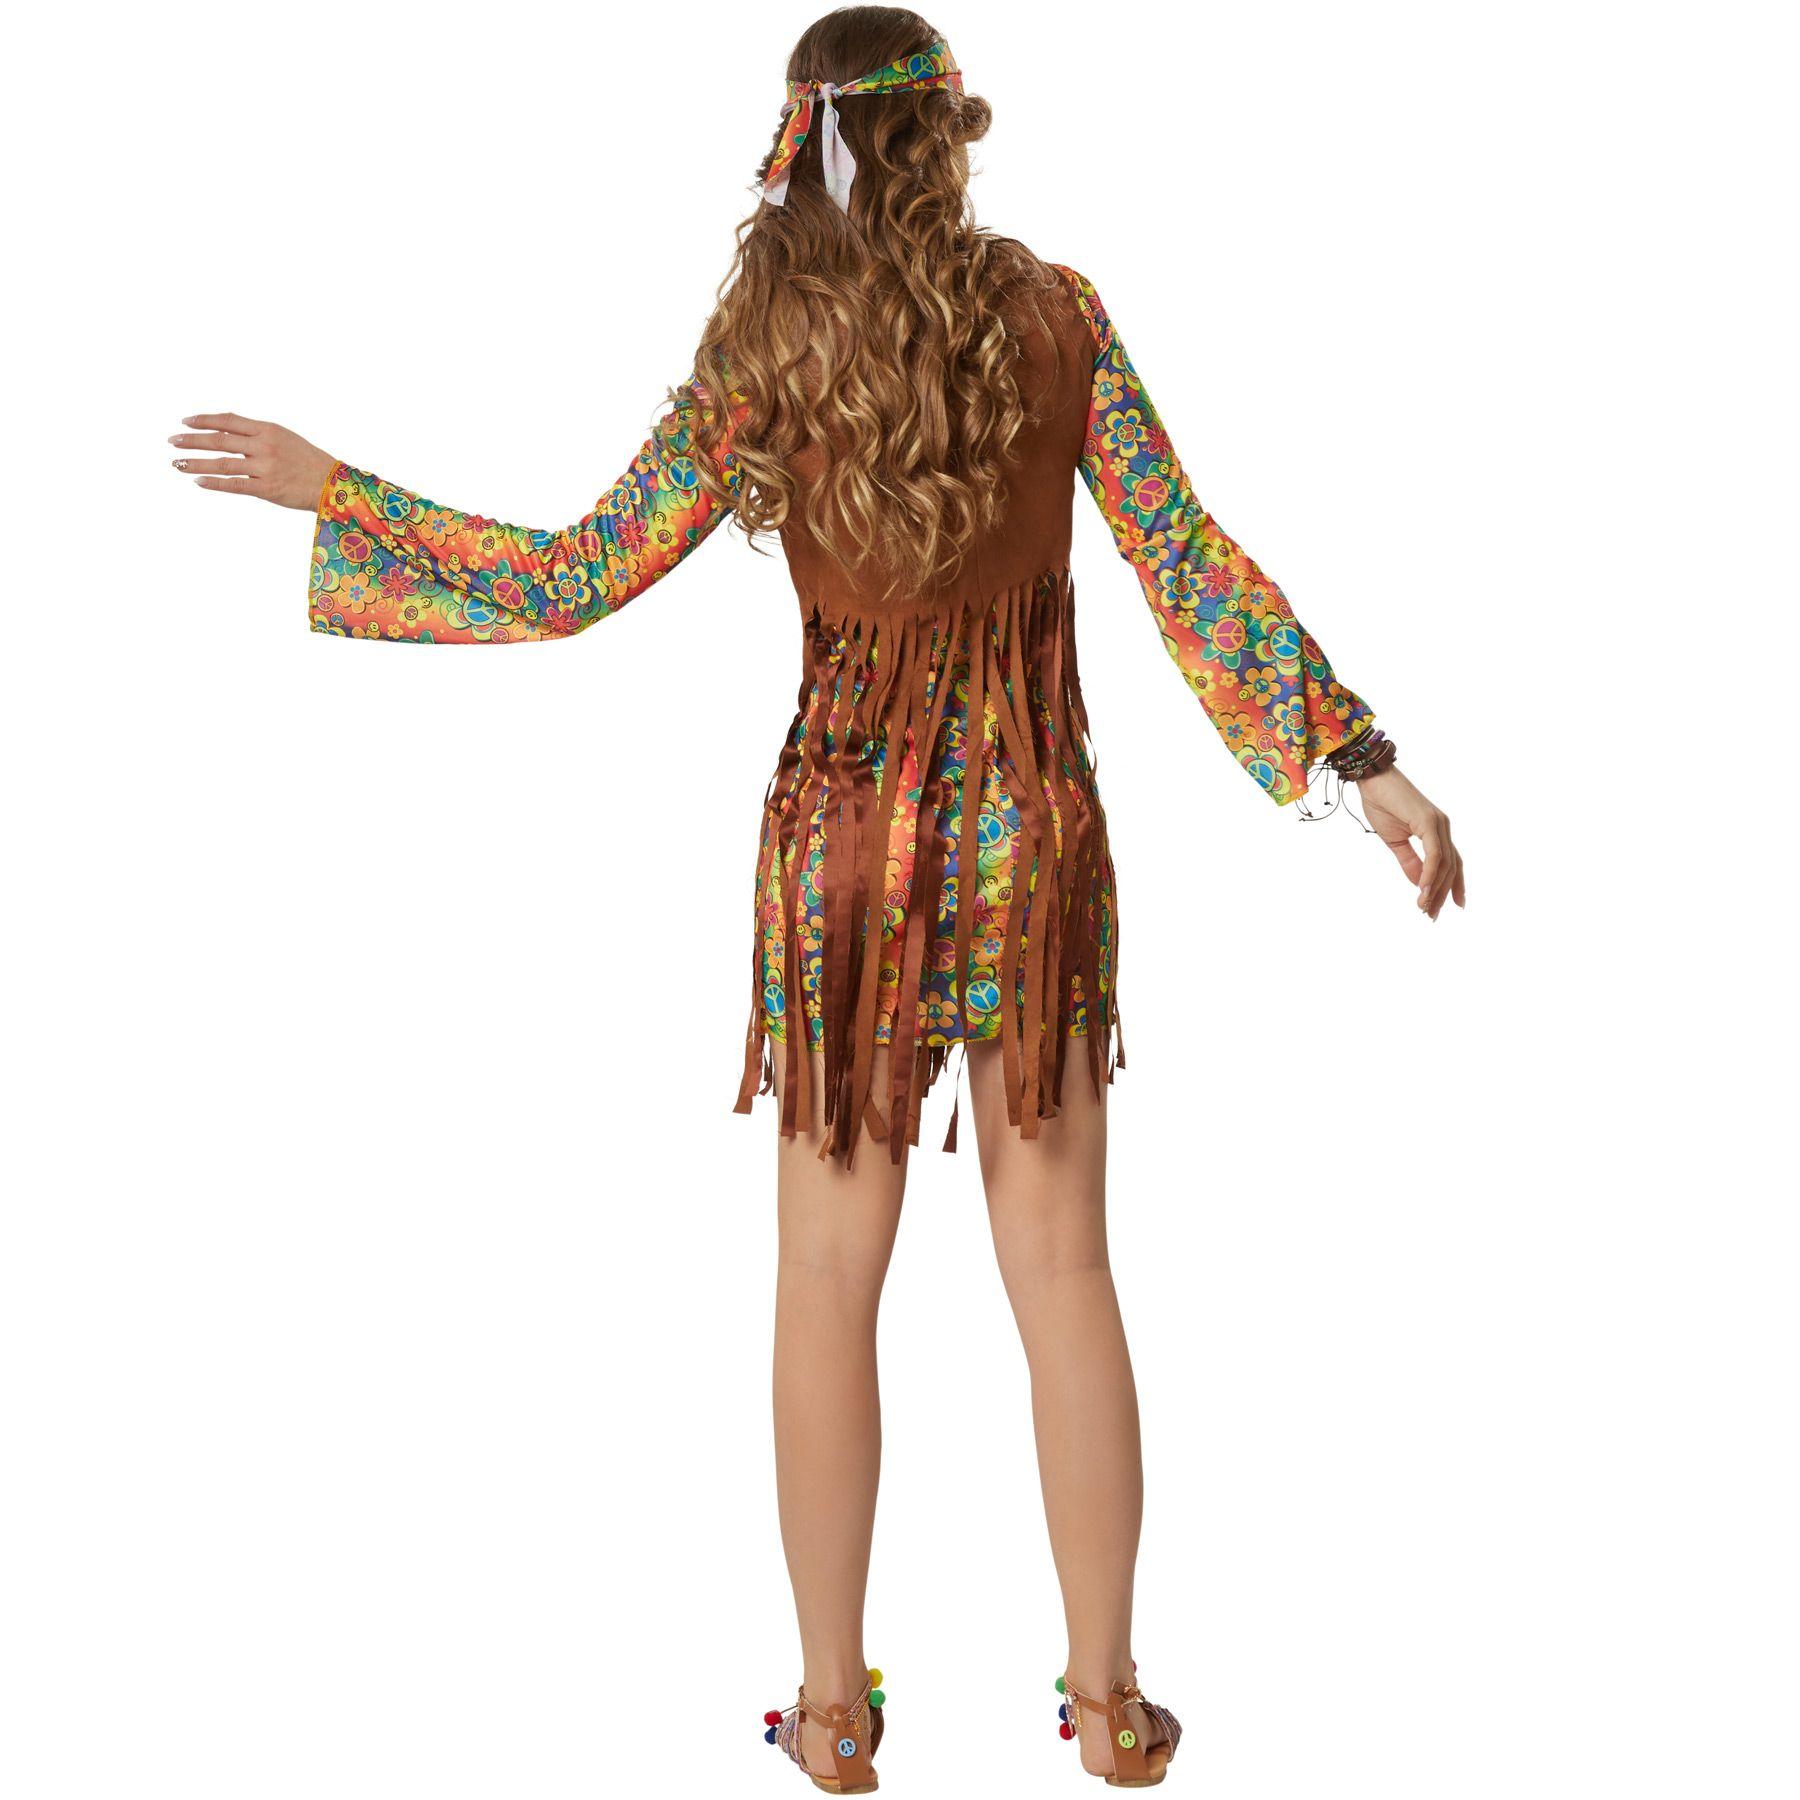 Top Damen Hippie Retro Kostüm 60er 70er Jahre Pop Disco: Kostüm Damen Hippie Boho Squaw 60er 70er Flower Power